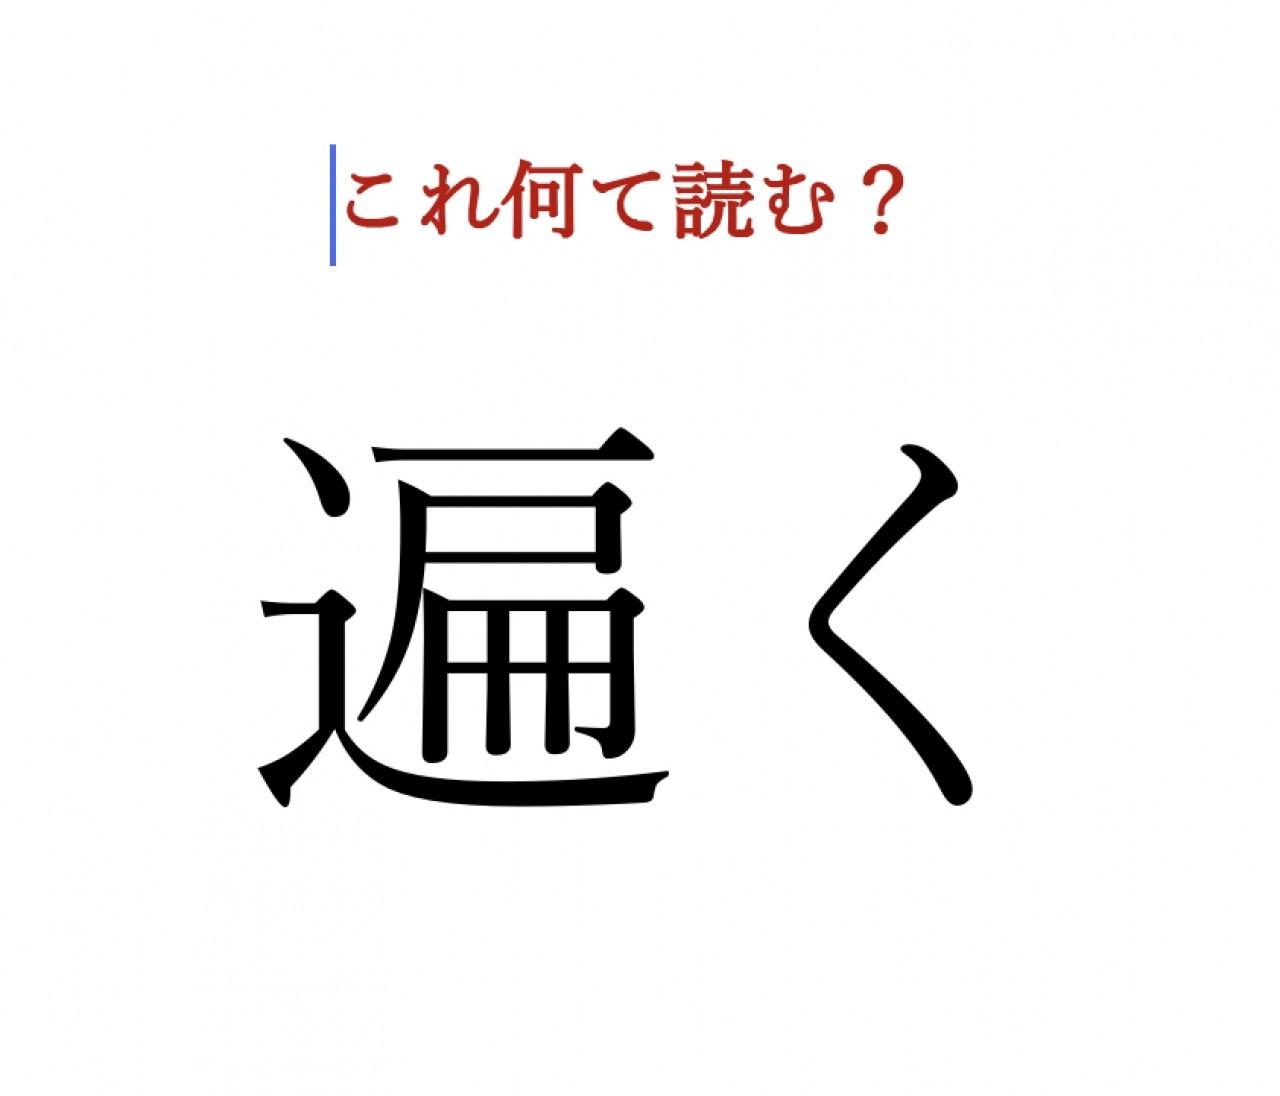 「遍く」:この漢字、自信を持って読めますか?【働く大人の漢字クイズvol.14】